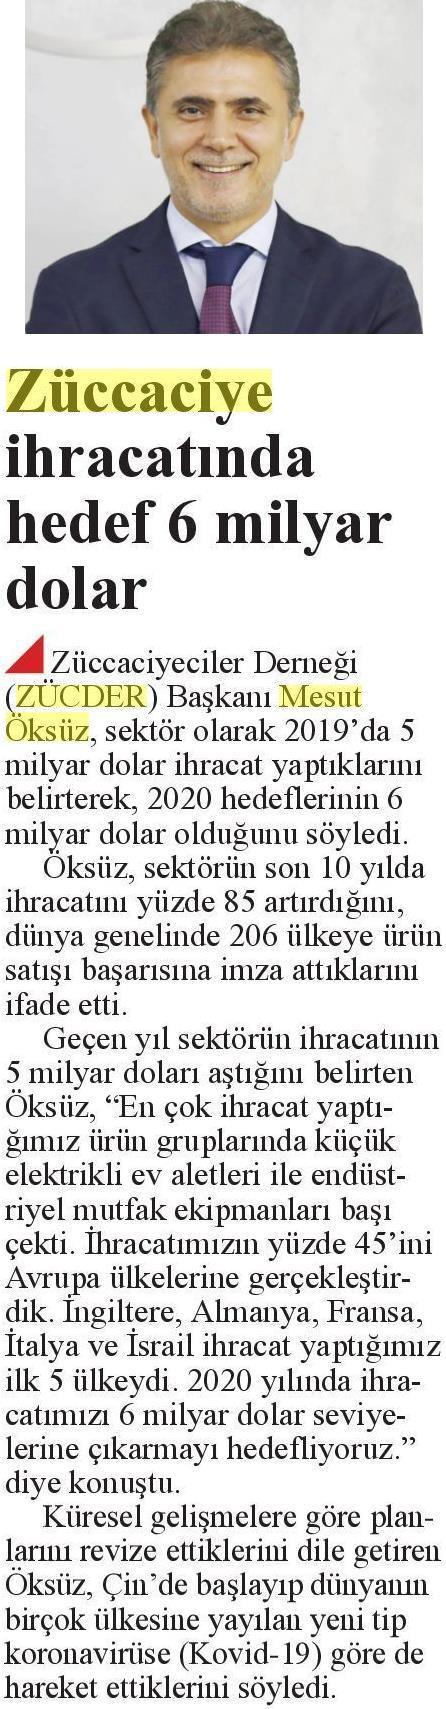 ZÜCDER DİRİLİŞ POSTASI 16.03.2020